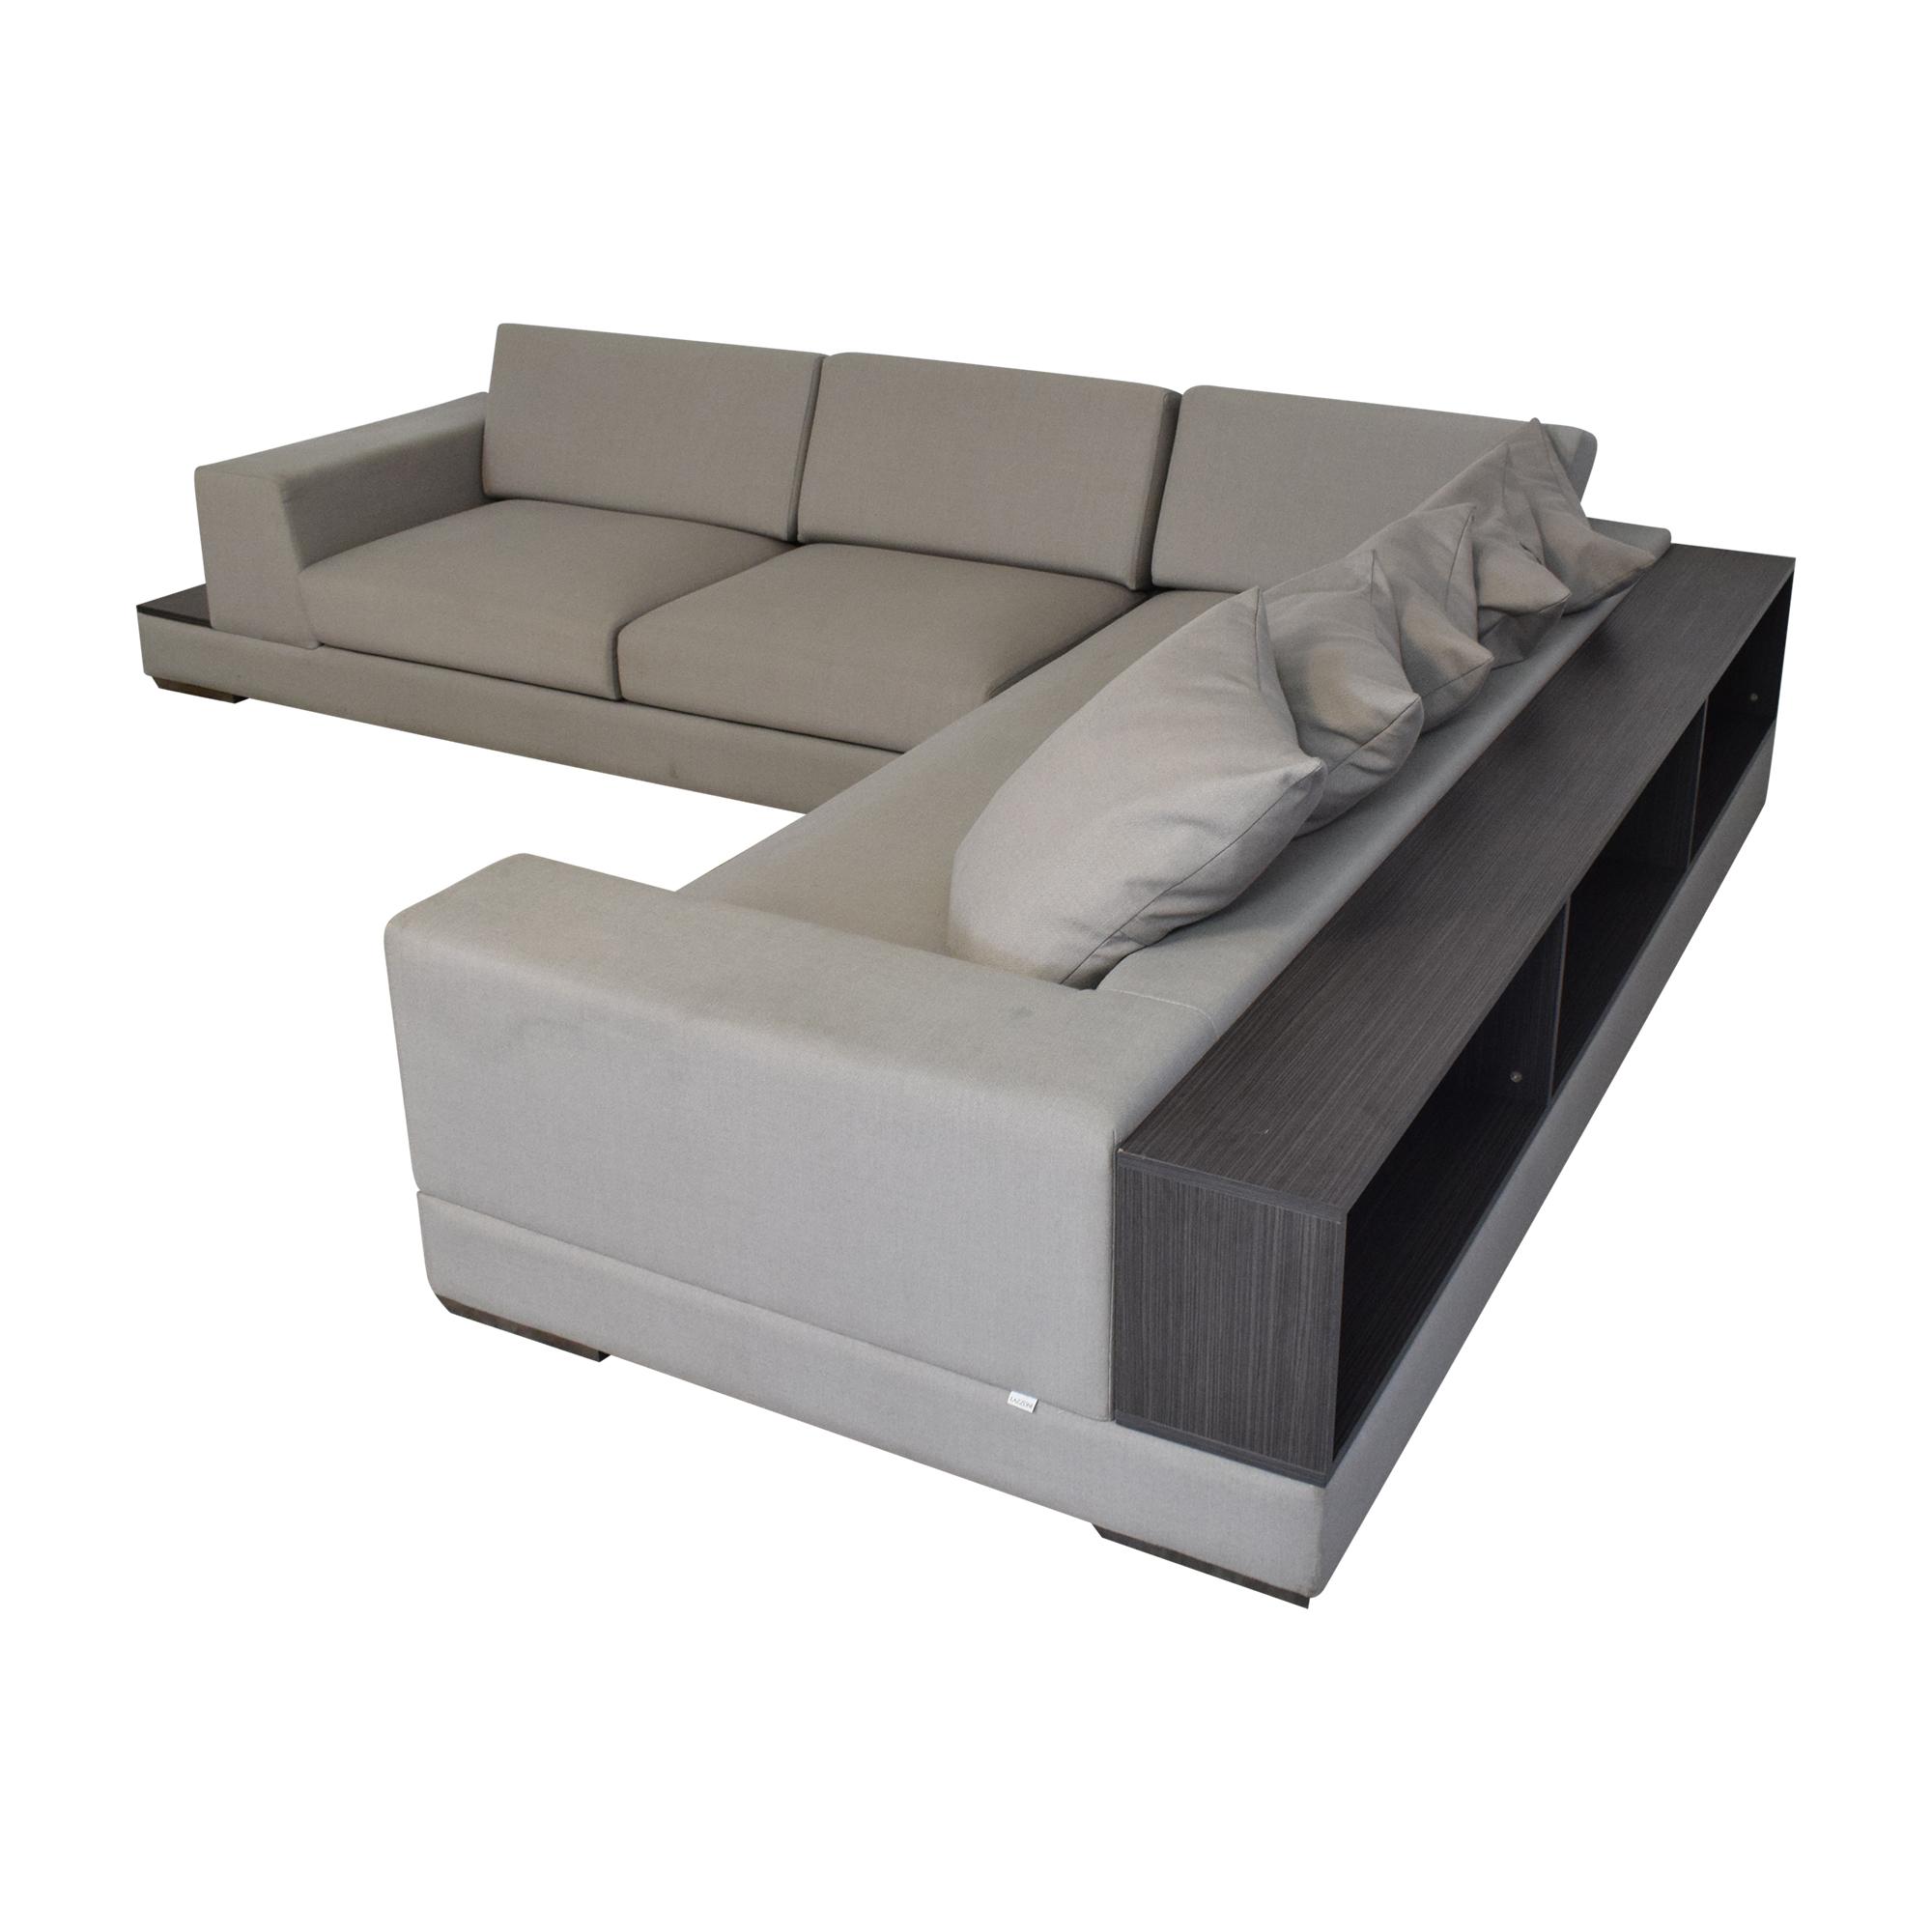 Lazzoni Lazzoni Bikom Modular Sectional Sofa Sofas